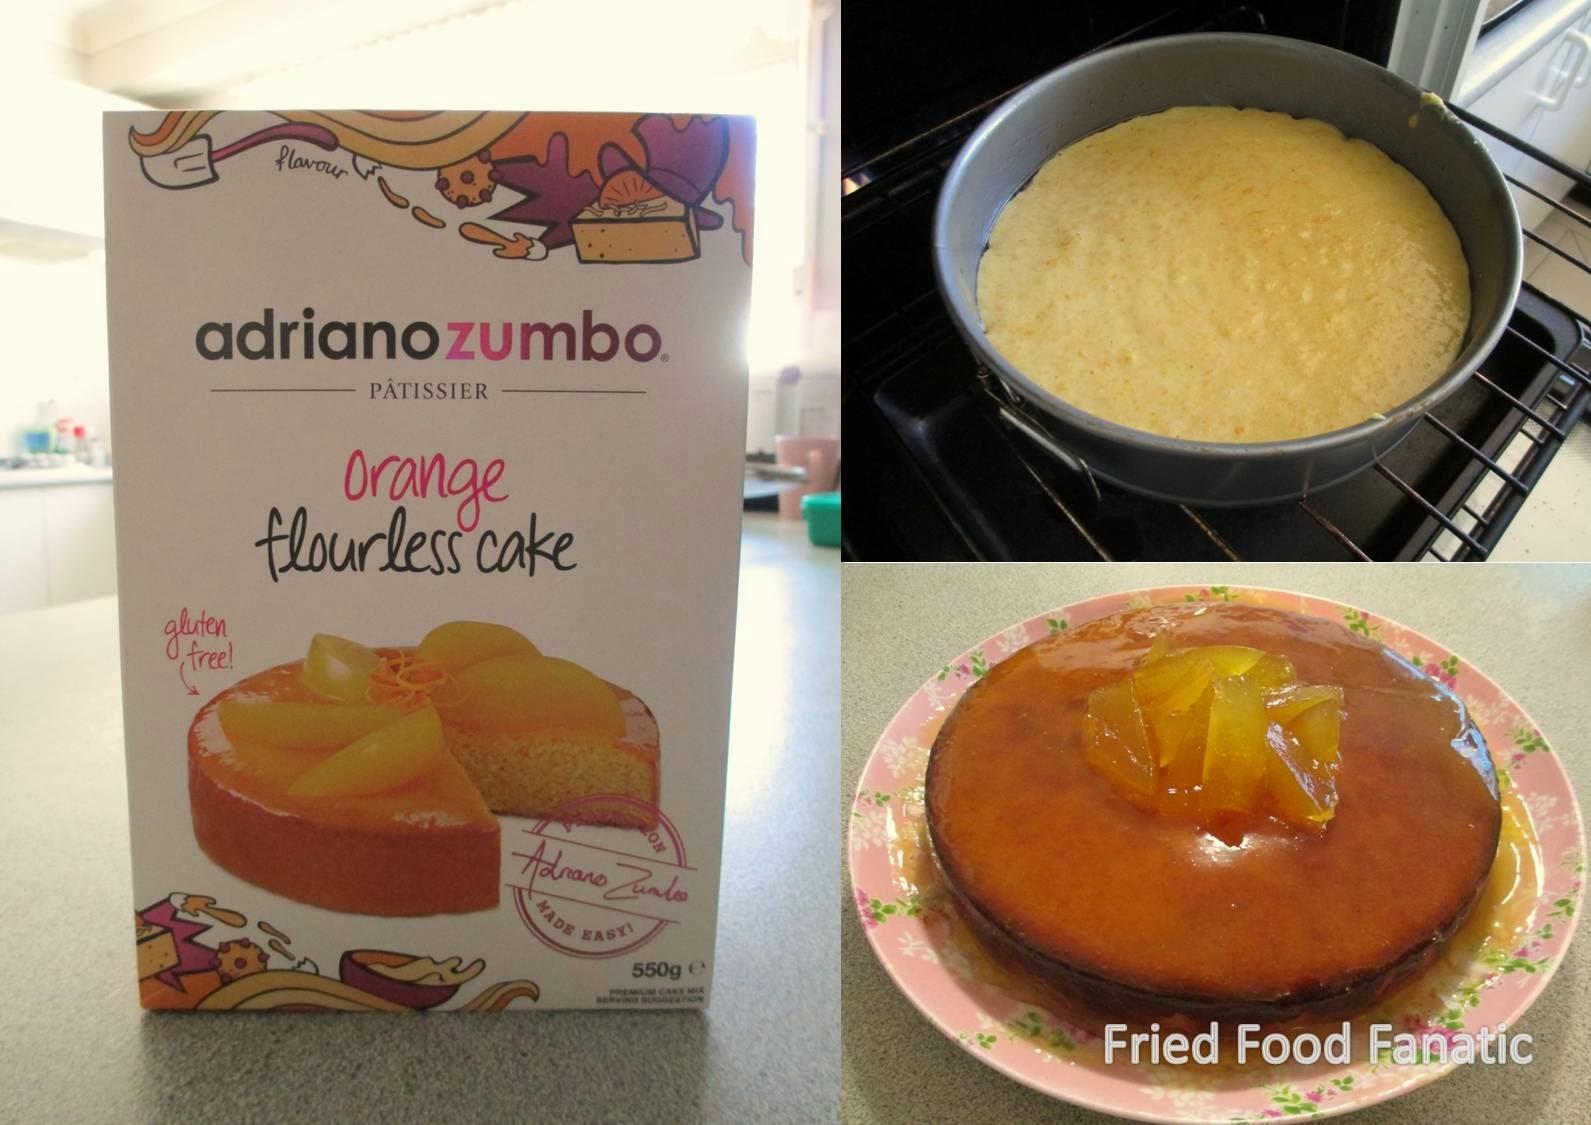 Birthday Cakes Zumbo ~ Fried food fanatic: adriano zumbo's orange flourless cake